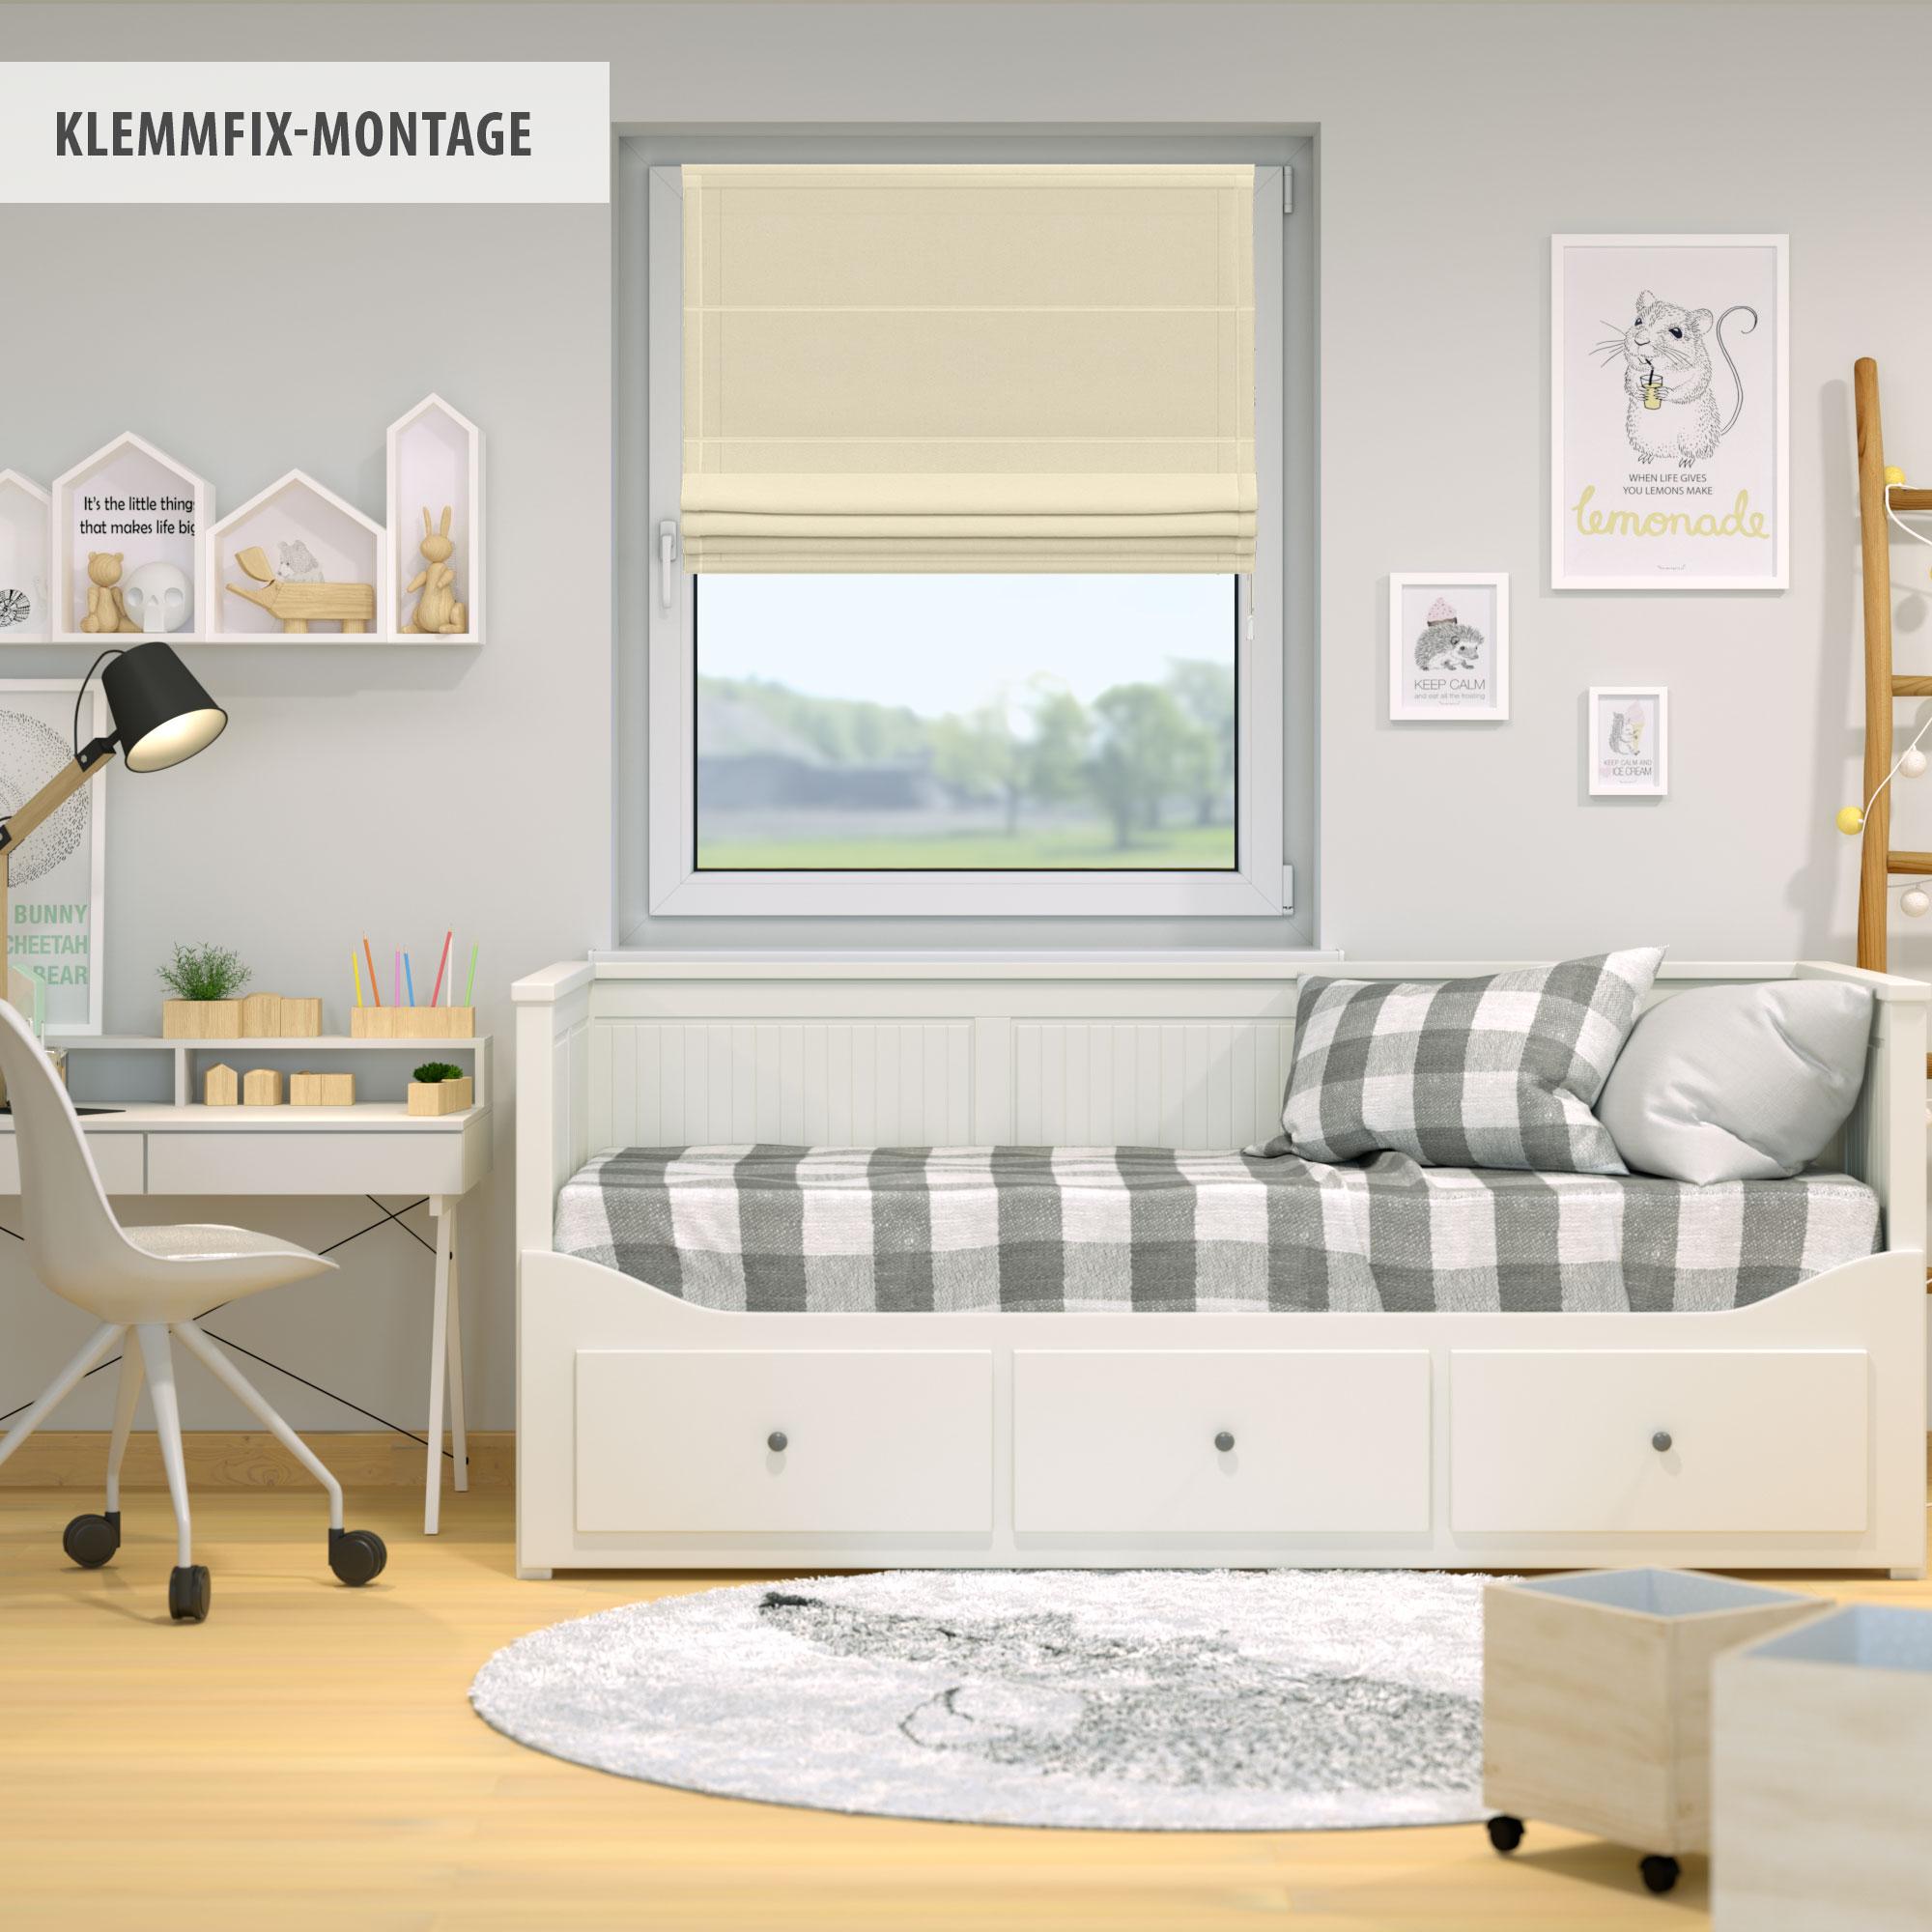 Indexbild 35 - Raffrollo-Faltrollo-Klemmfix-ohne-Bohren-Fenster-Raffgardine-Gardine-VICTORIA-M